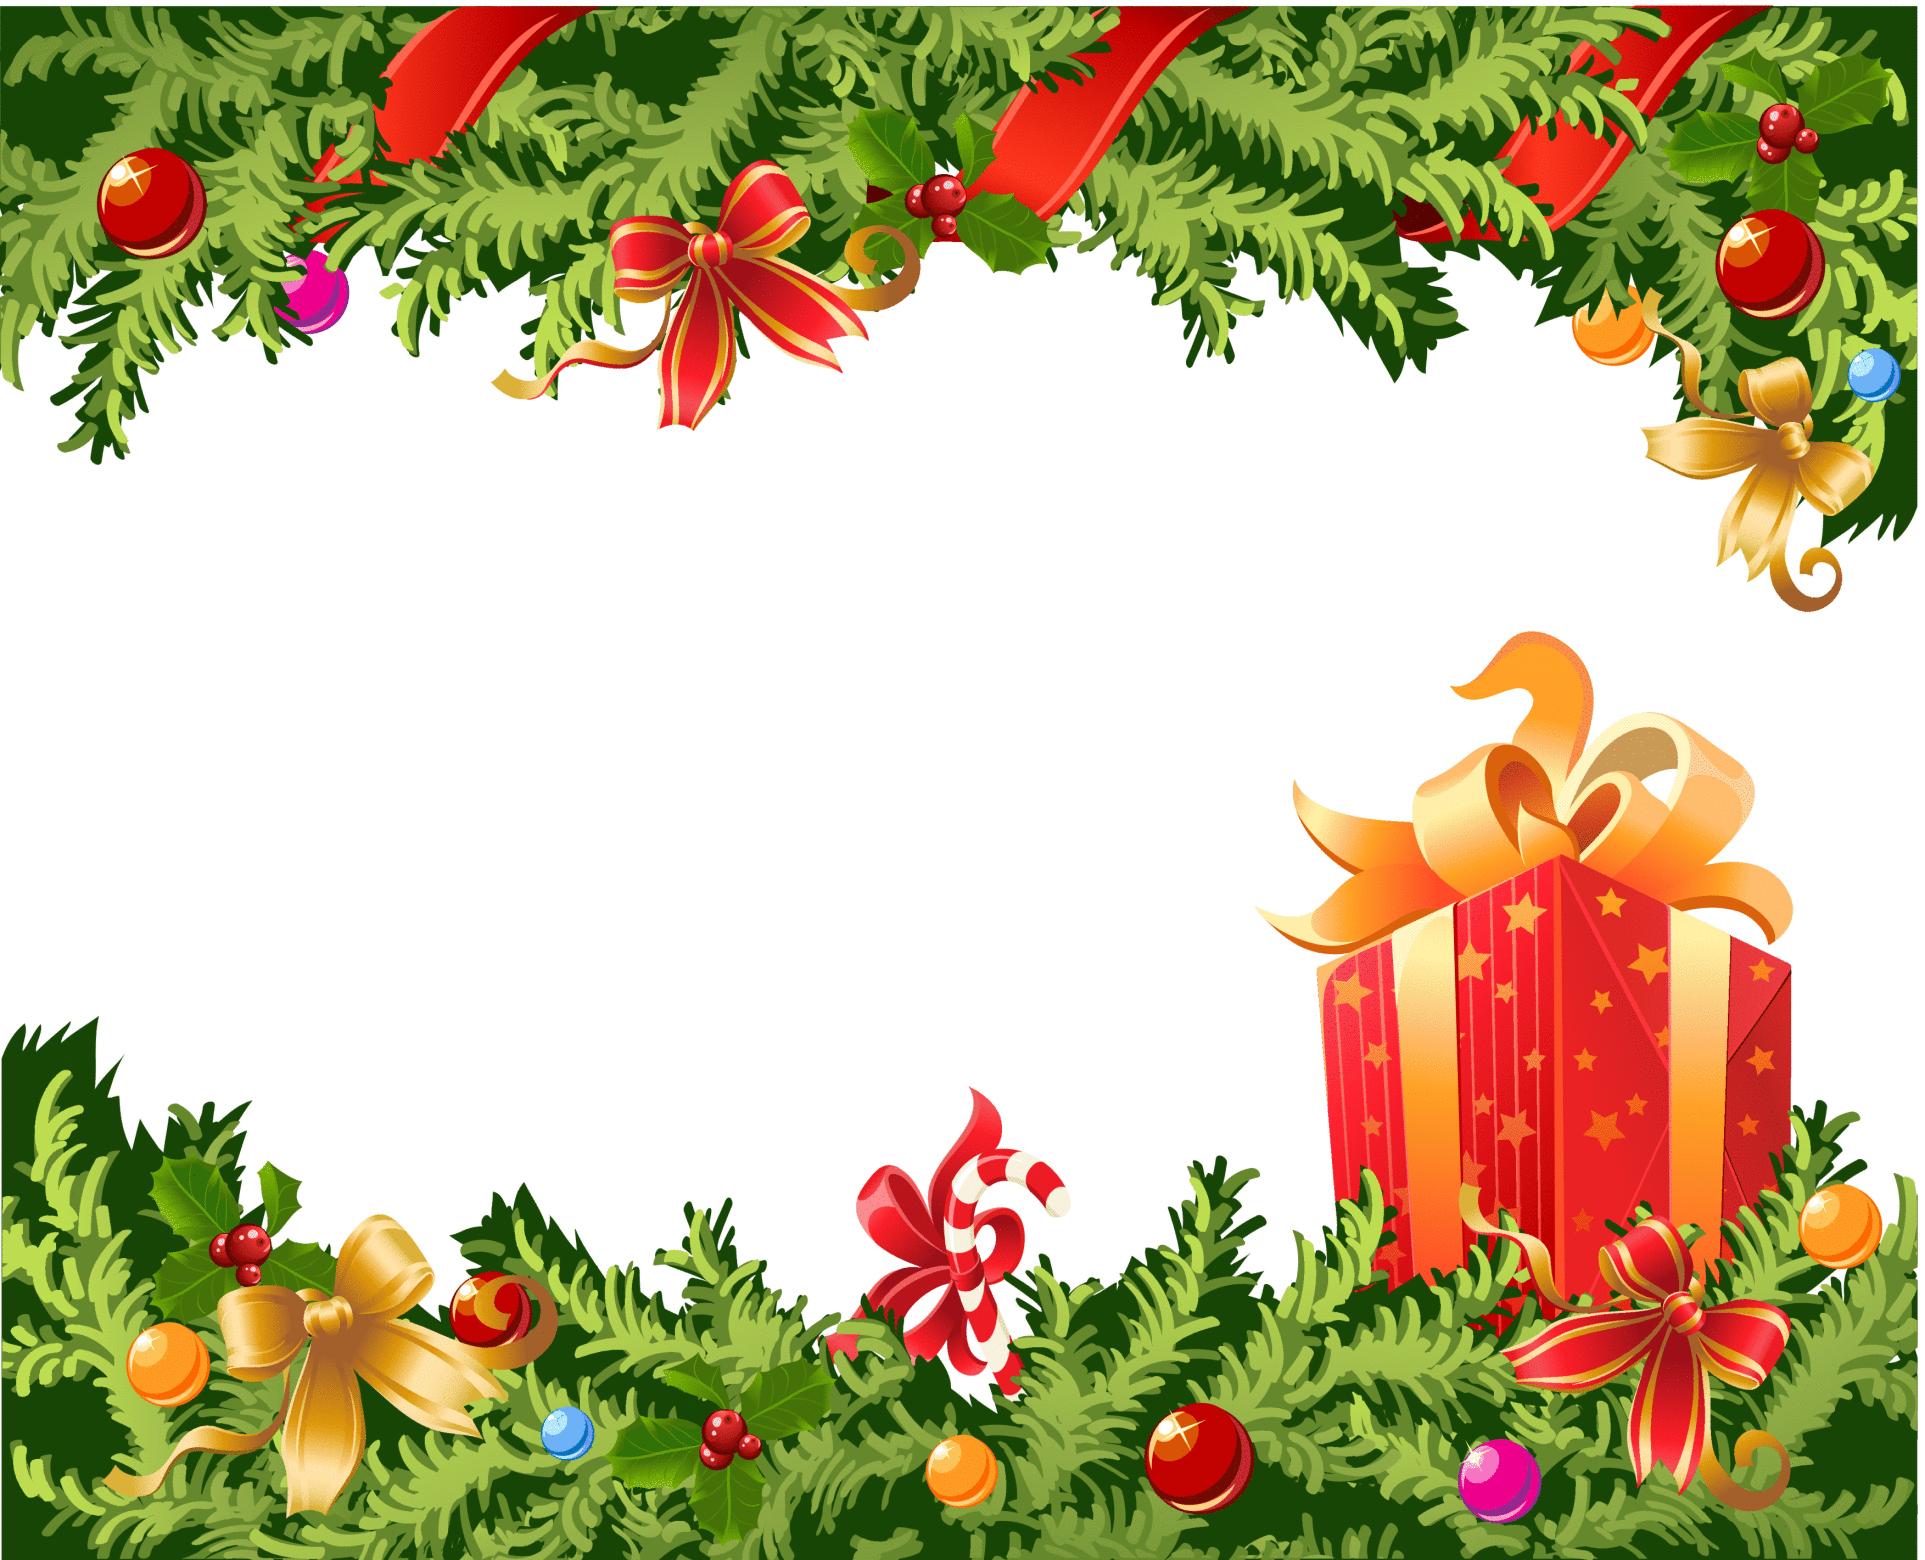 Tarjetas navide as para personalizar gu a de manualidades for Crear tarjetas de navidad